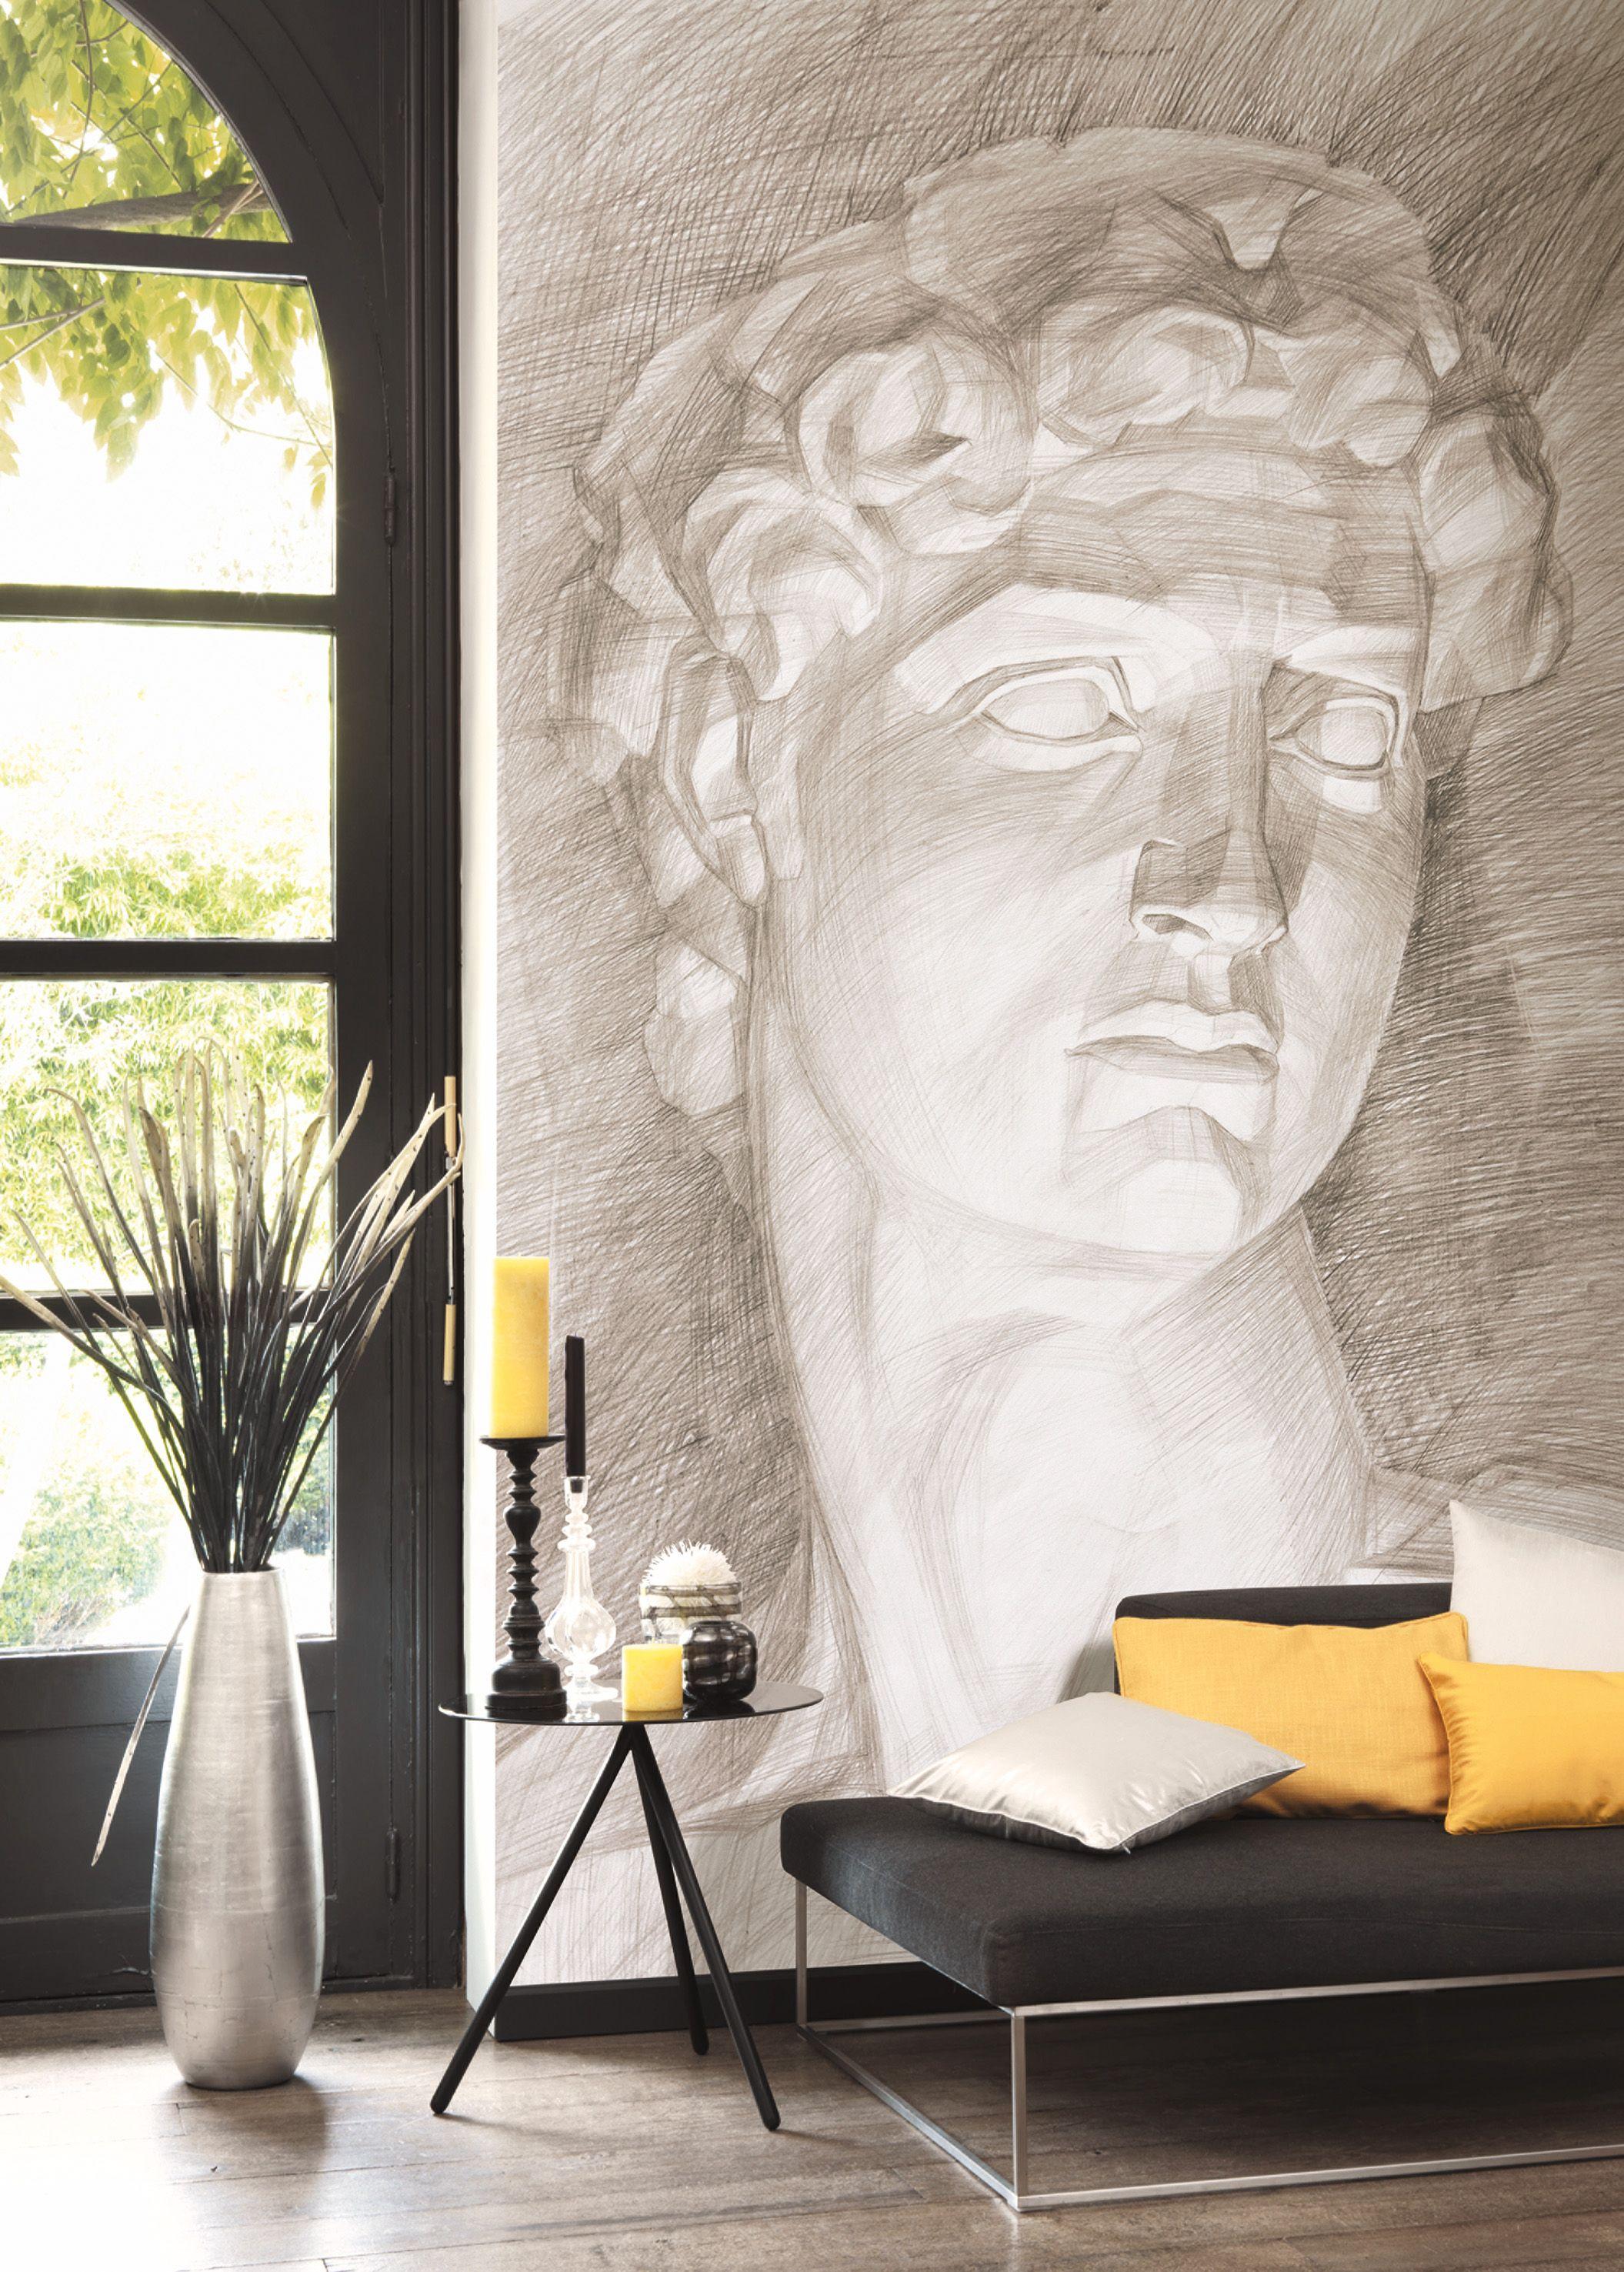 Papier Peint Trompe L Oeil Plafond collection so wall 2 : papier-peint, trompe l'oeil, esquisse